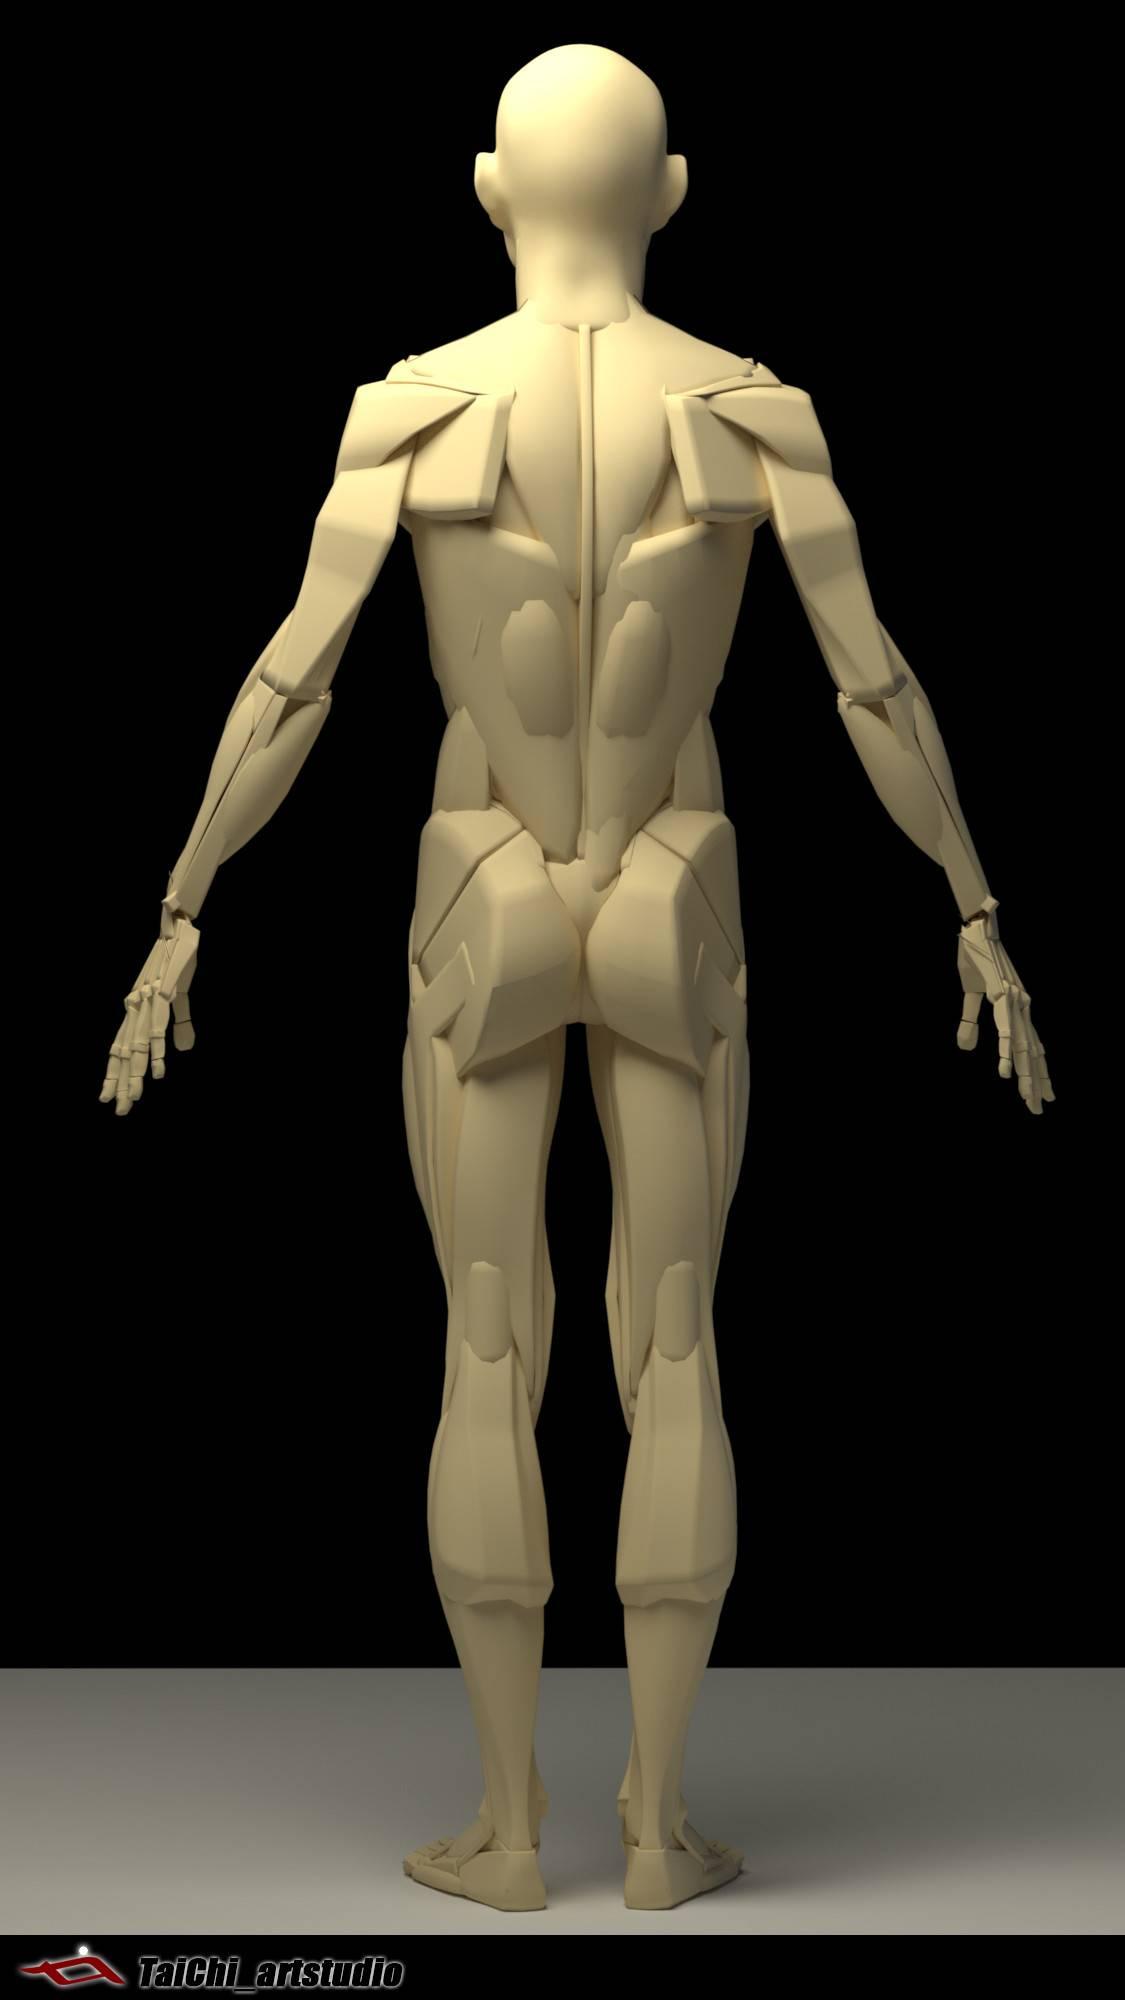 非常不错的人体分面图,美术练习的好东西! - R站|学习使我快乐! - 16